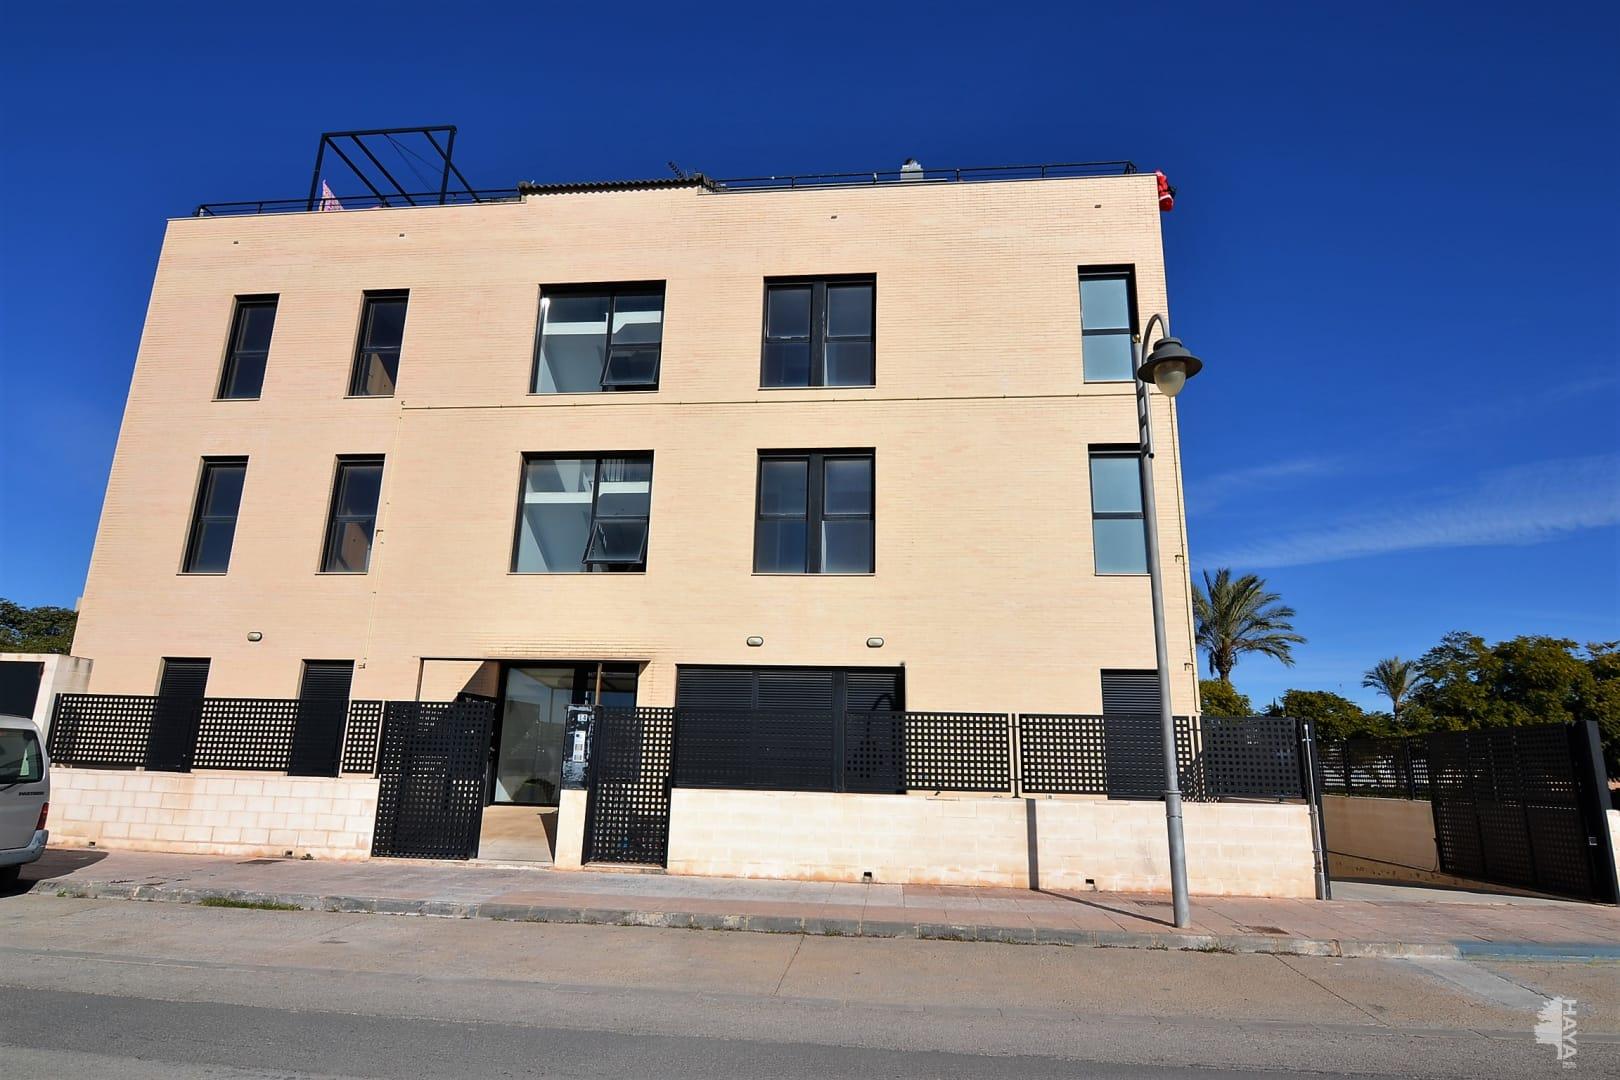 Piso en venta en Museros, Museros, Valencia, Avenida Senyera La, 120.400 €, 3 habitaciones, 2 baños, 86 m2